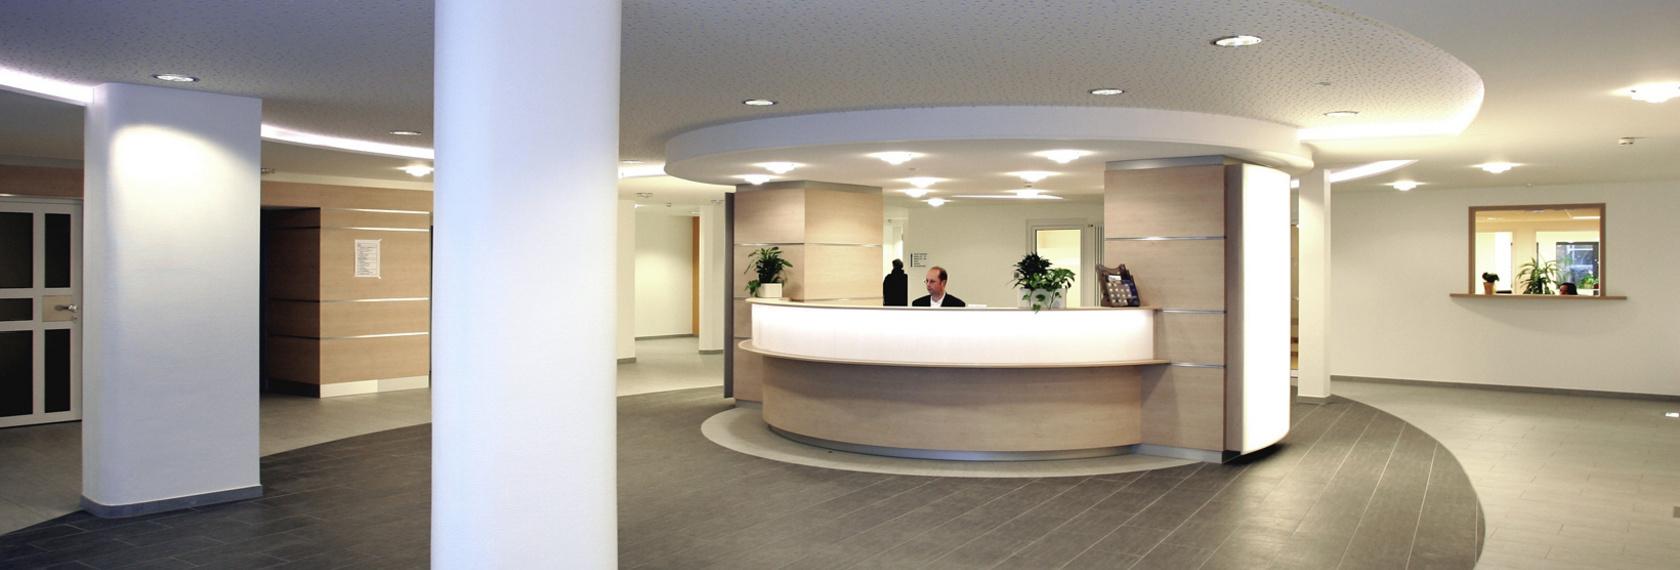 Der Infopunkt befindet sich in der Eingangshalle des Krankenhauses und ist die erste Anlaufstelle für Besucher